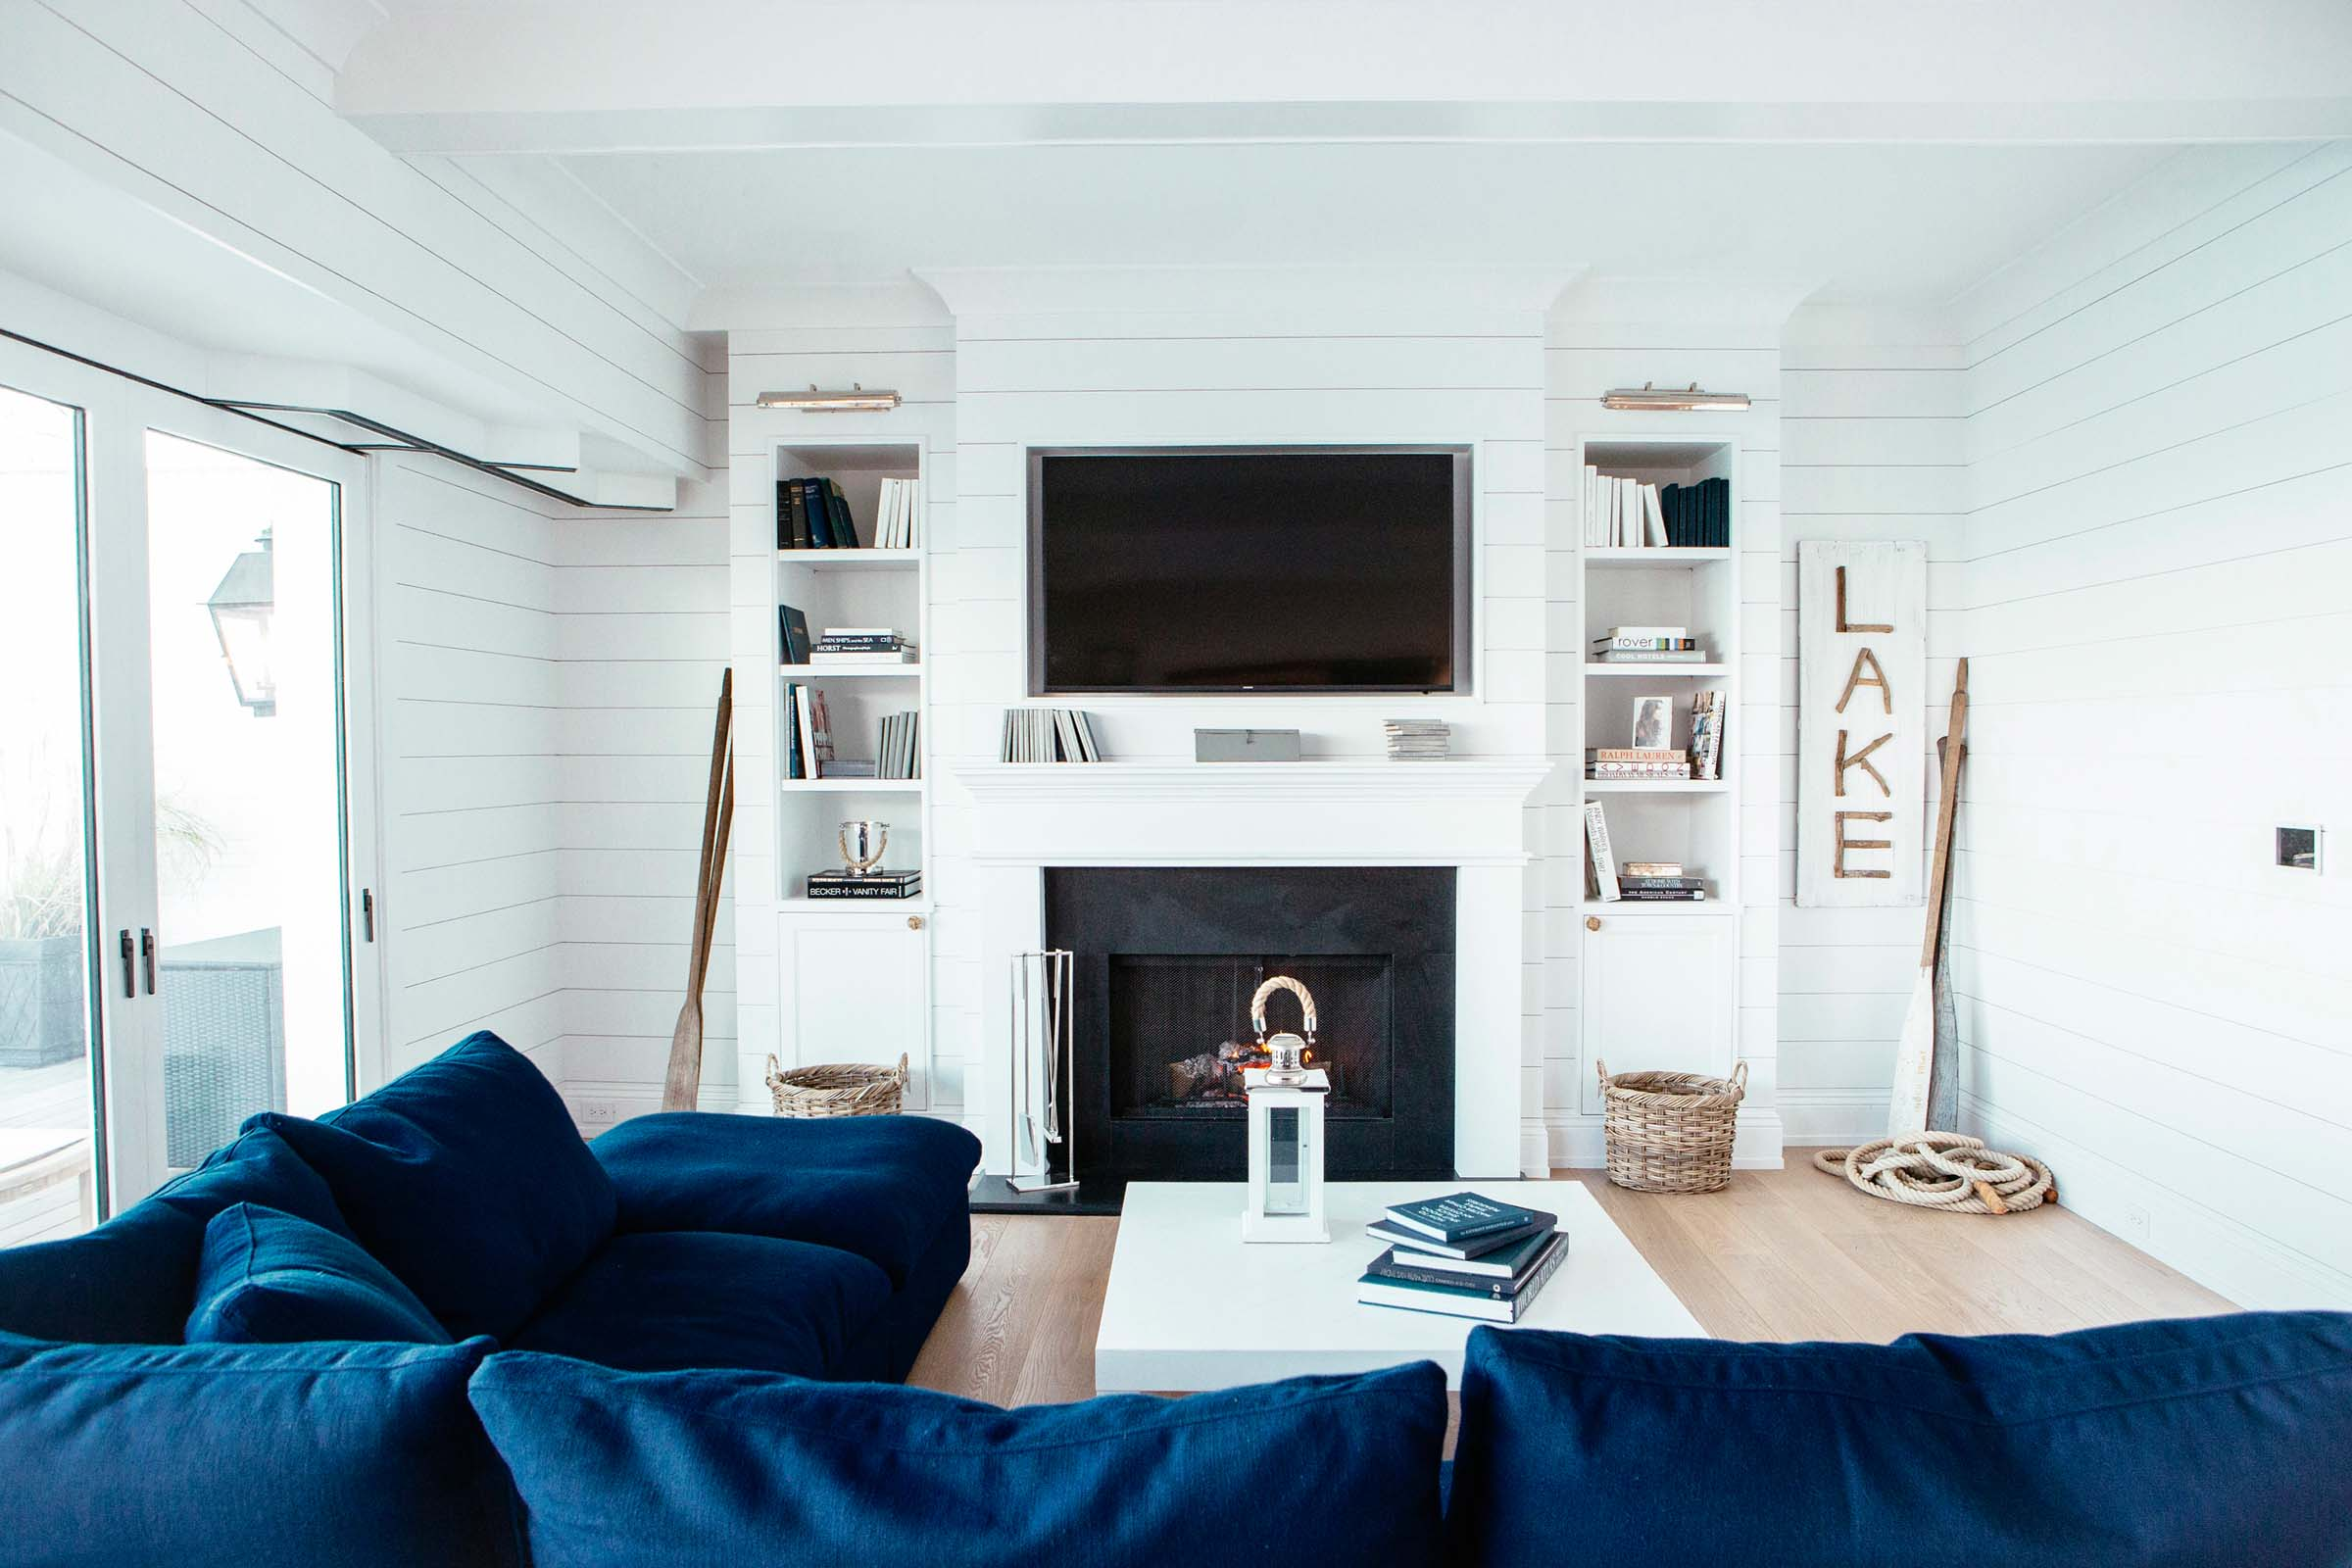 Leo_Designs_Chicago_interior_design_grand_haven_beach_refuge13.jpg